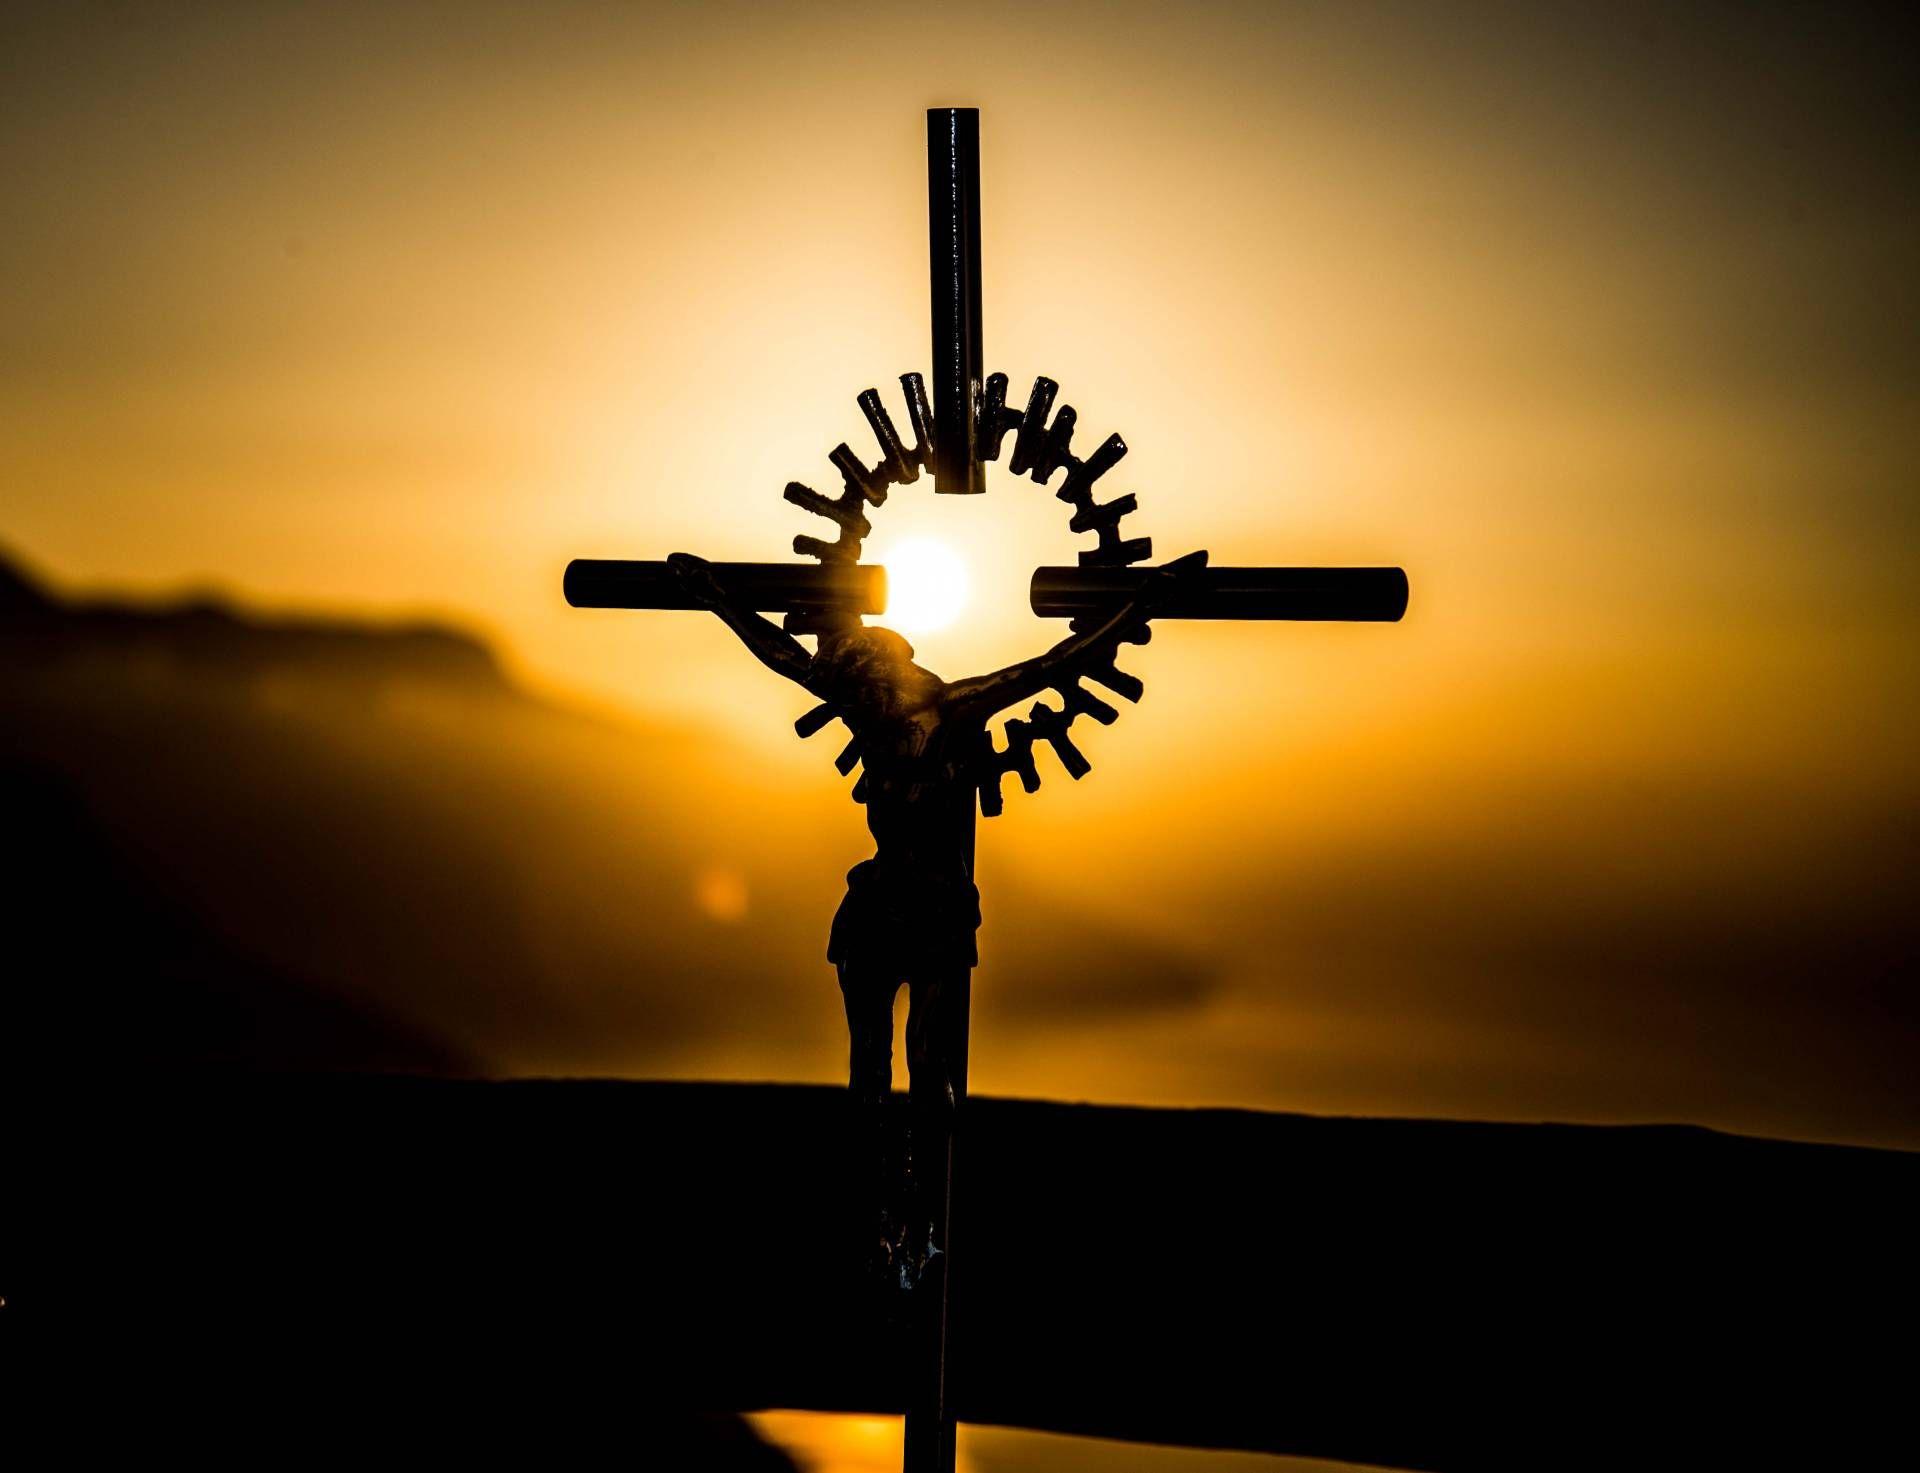 Imagen Católica: Cruz, Cristo, Dios, Sunset